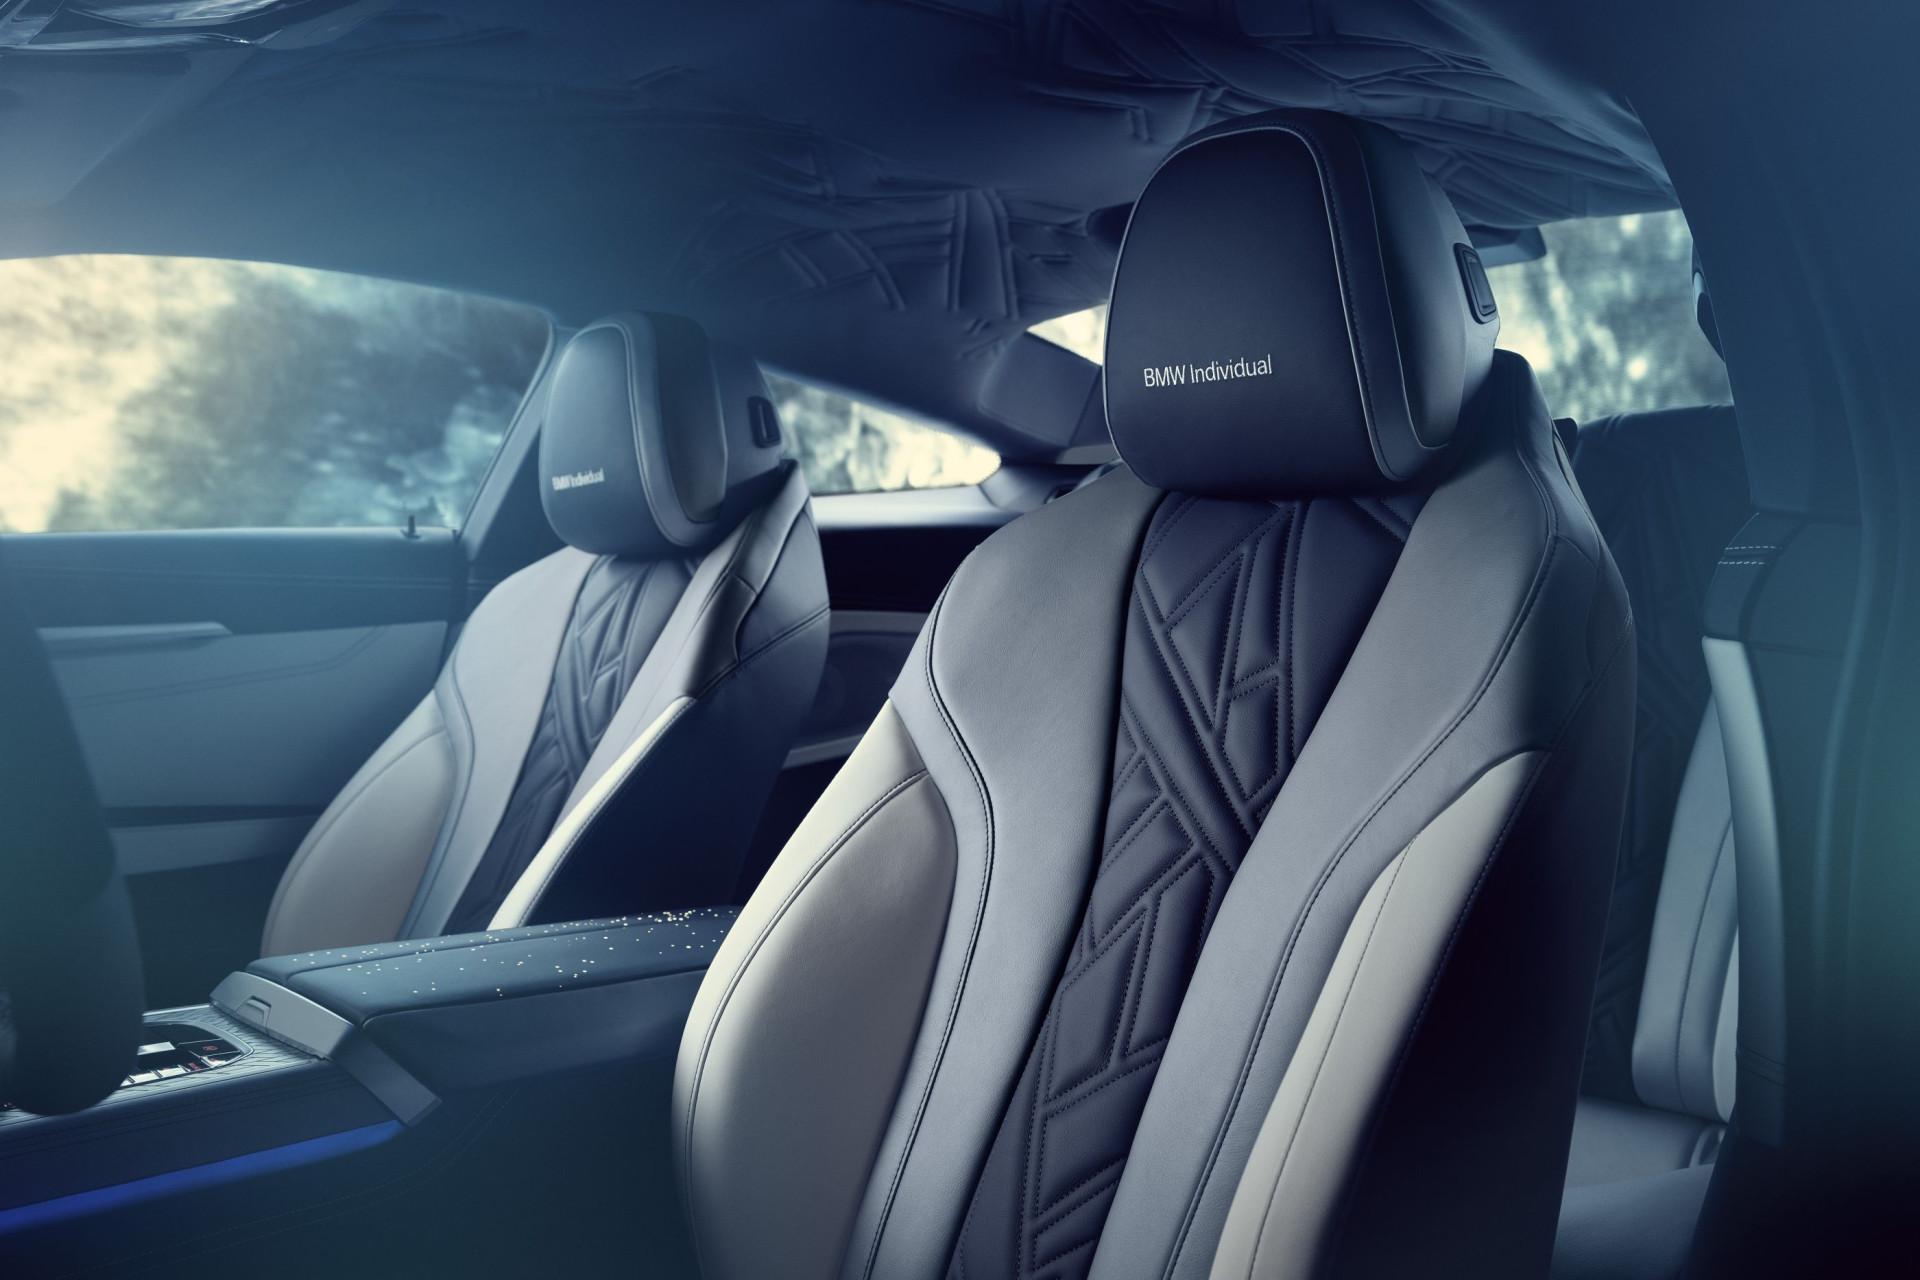 Este BMW tem meteoritos a decorar o interior. Veja as imagens